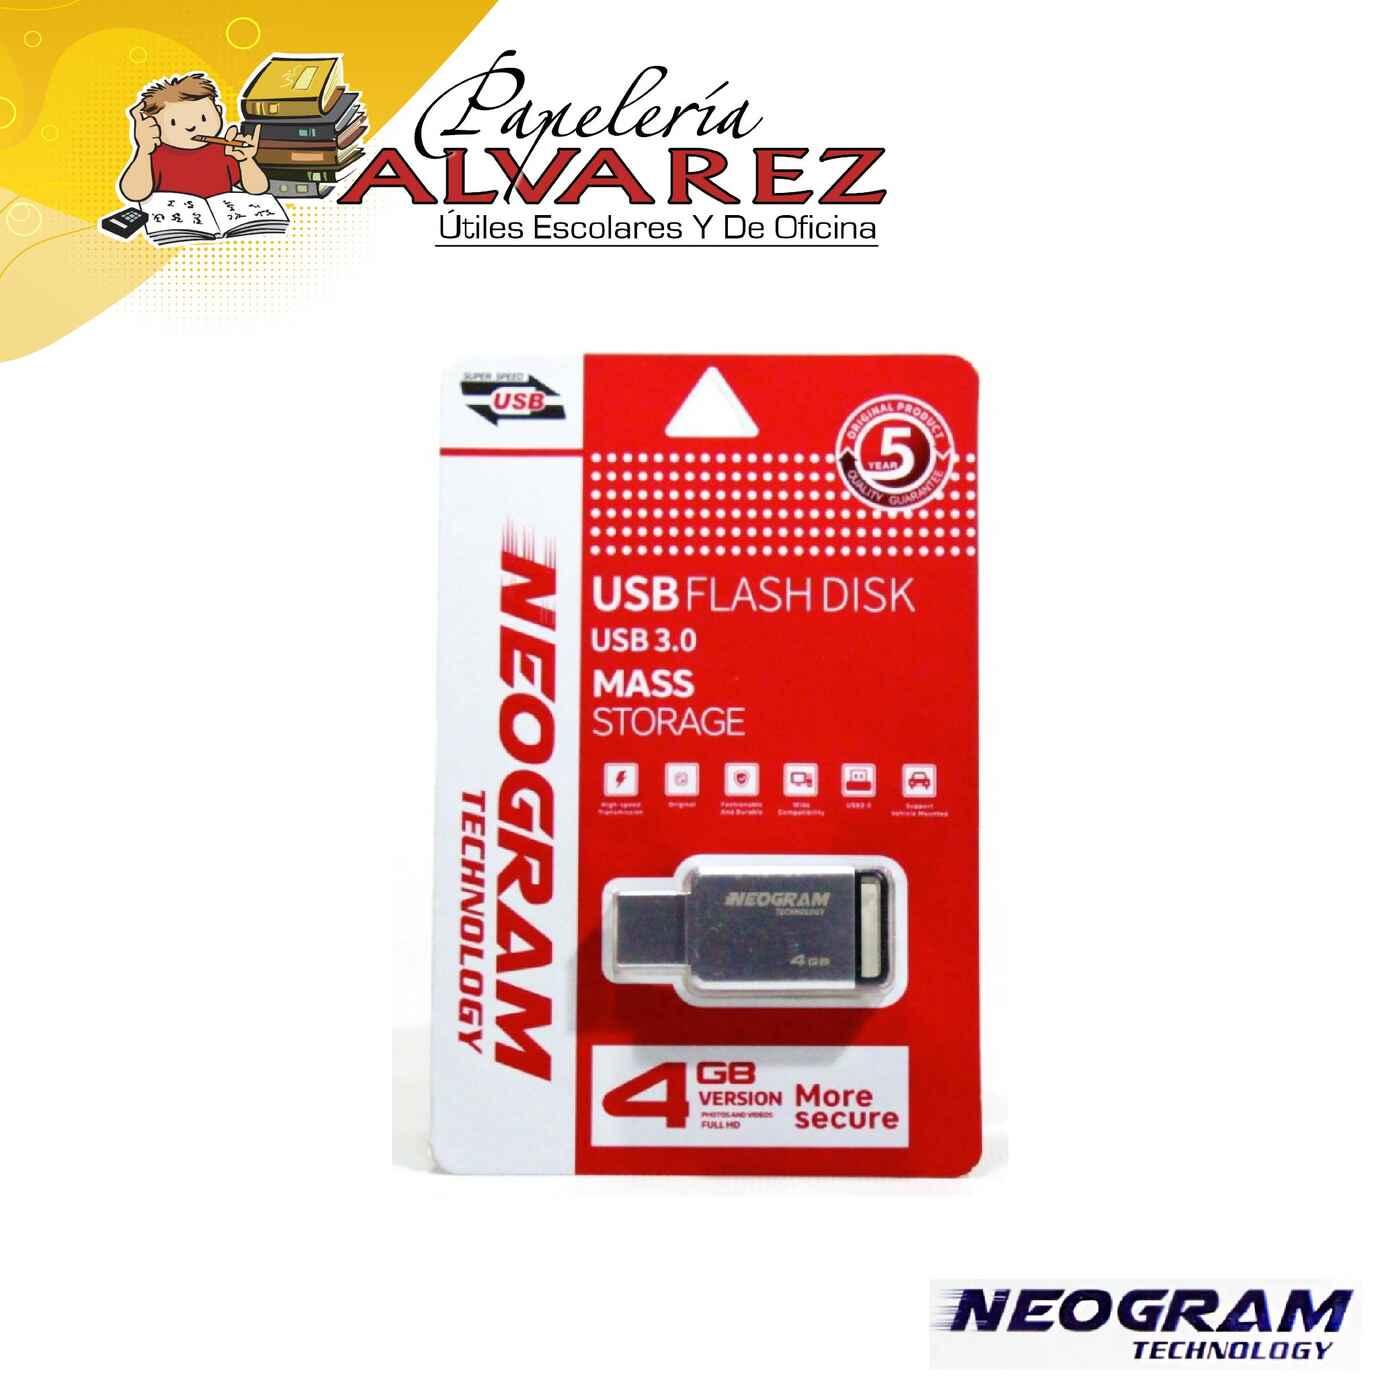 MEMORIA NEOGRAM USB 4GB